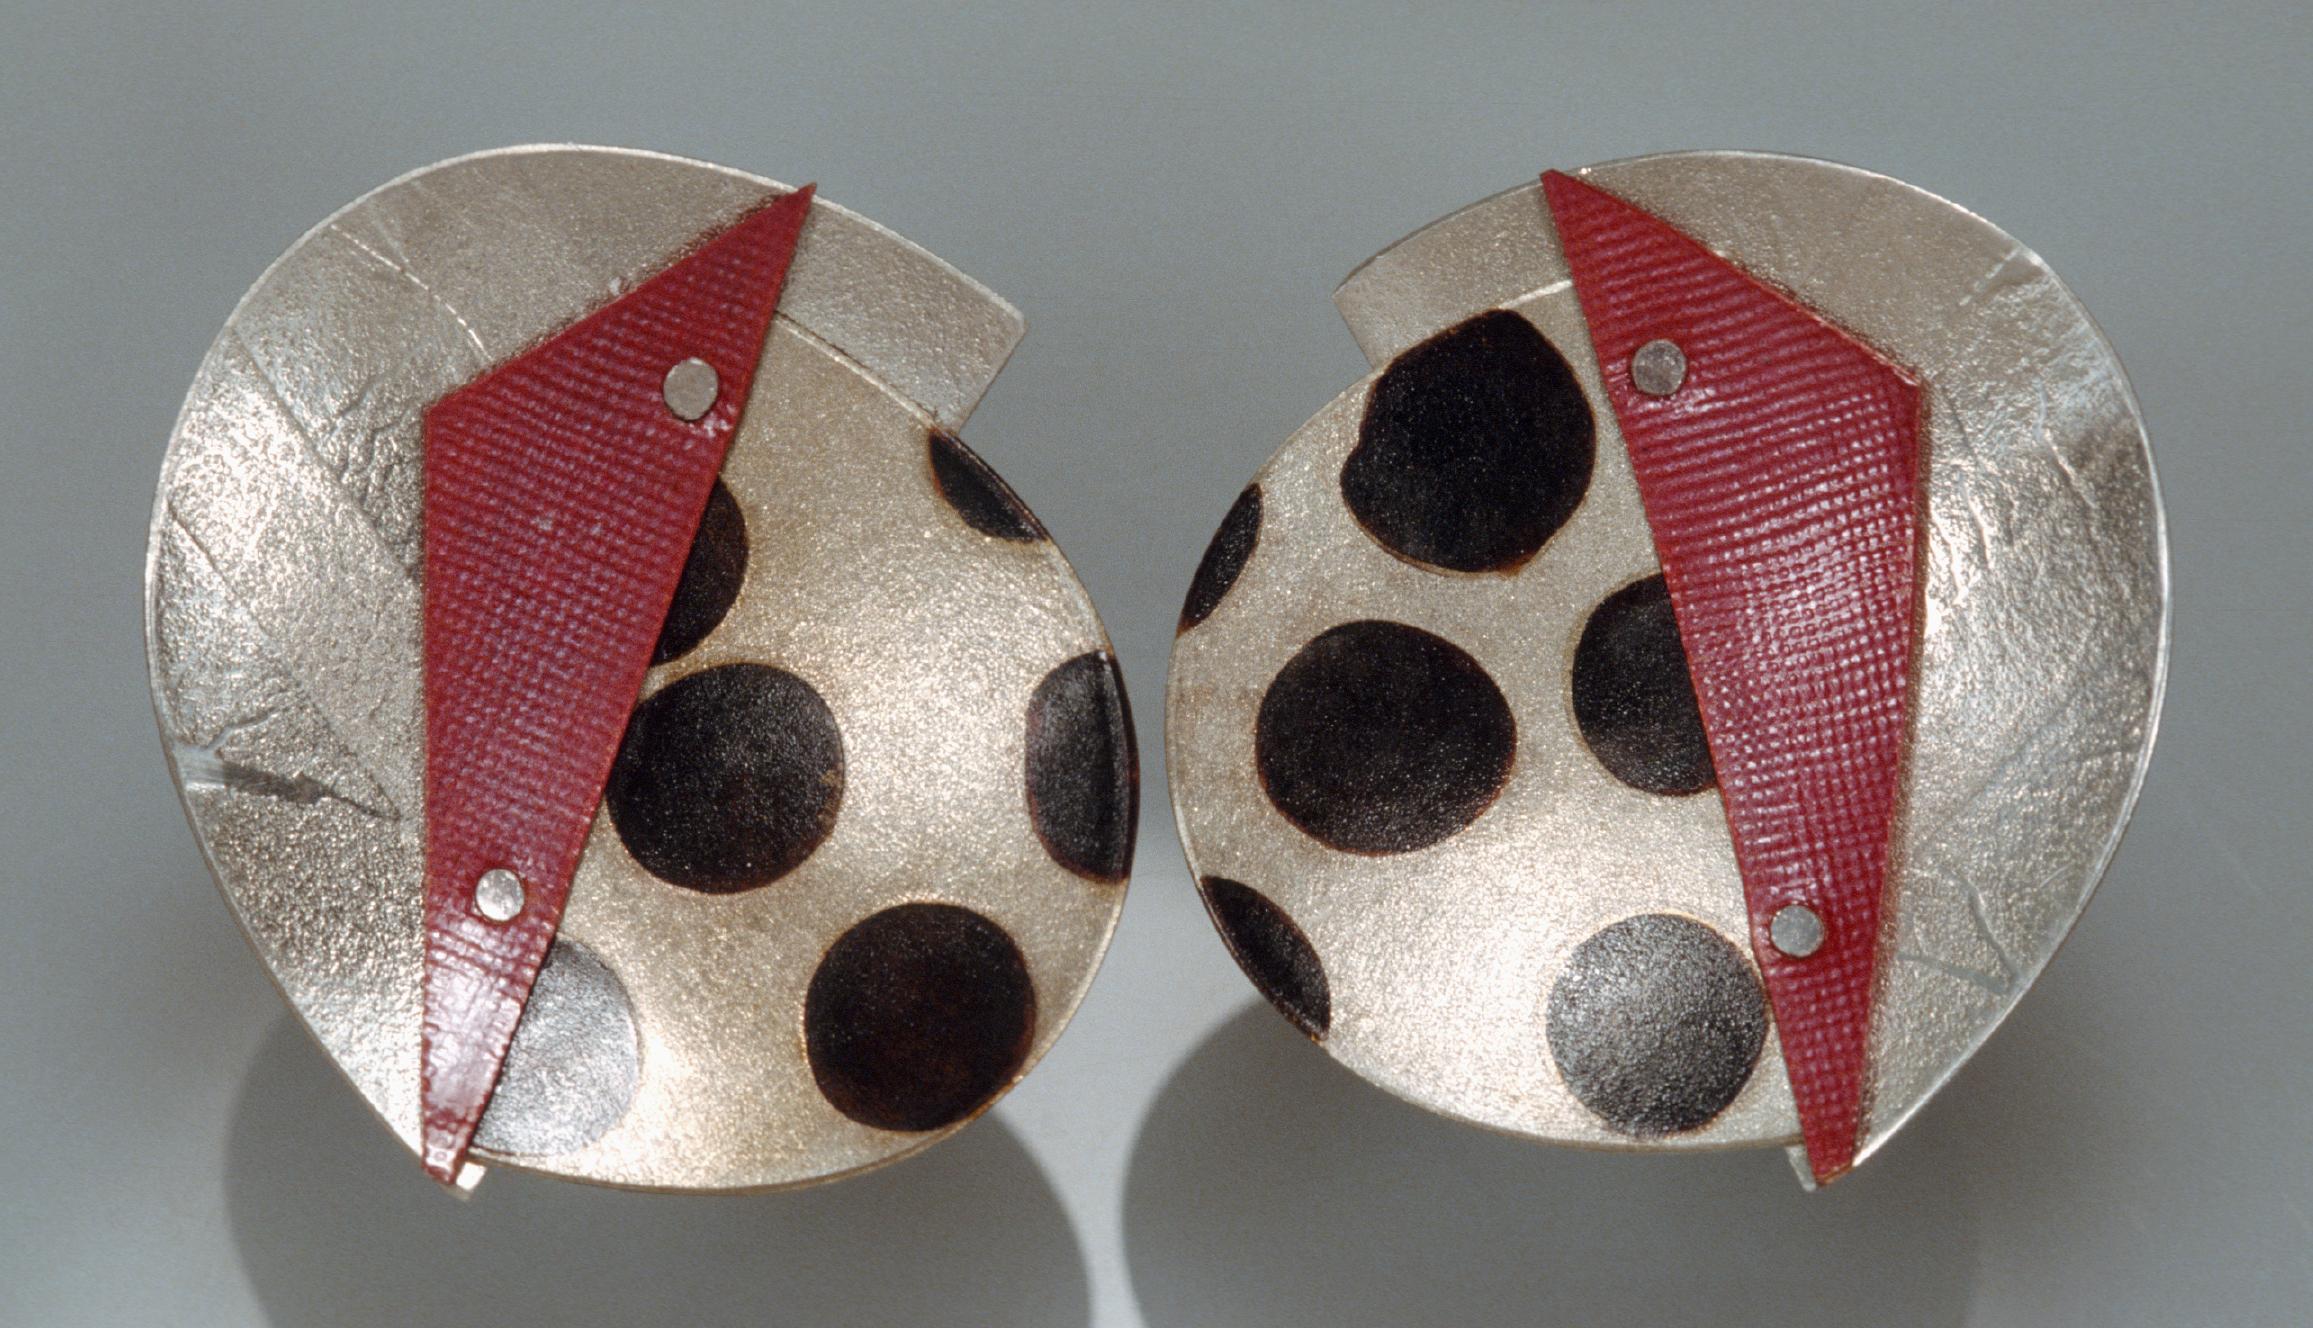 Silver, Copper: c 1983